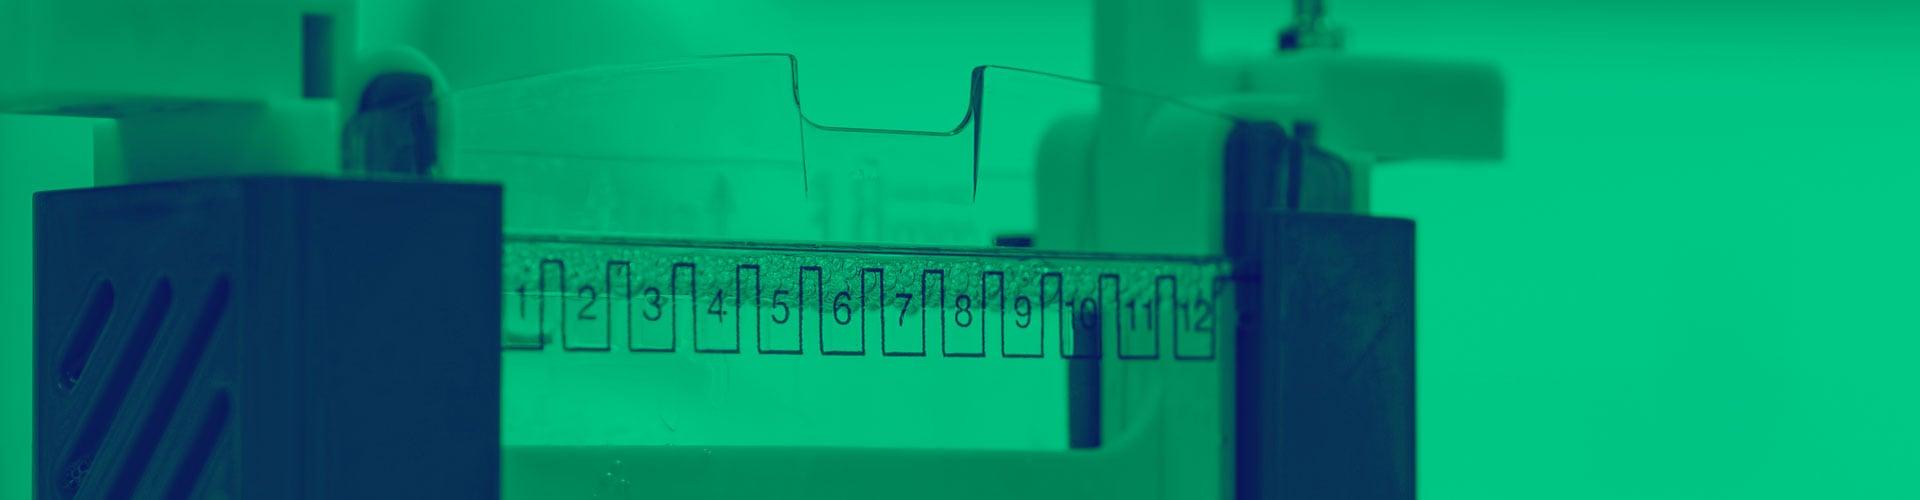 SDS-polyacrylamide gel electrophoresis